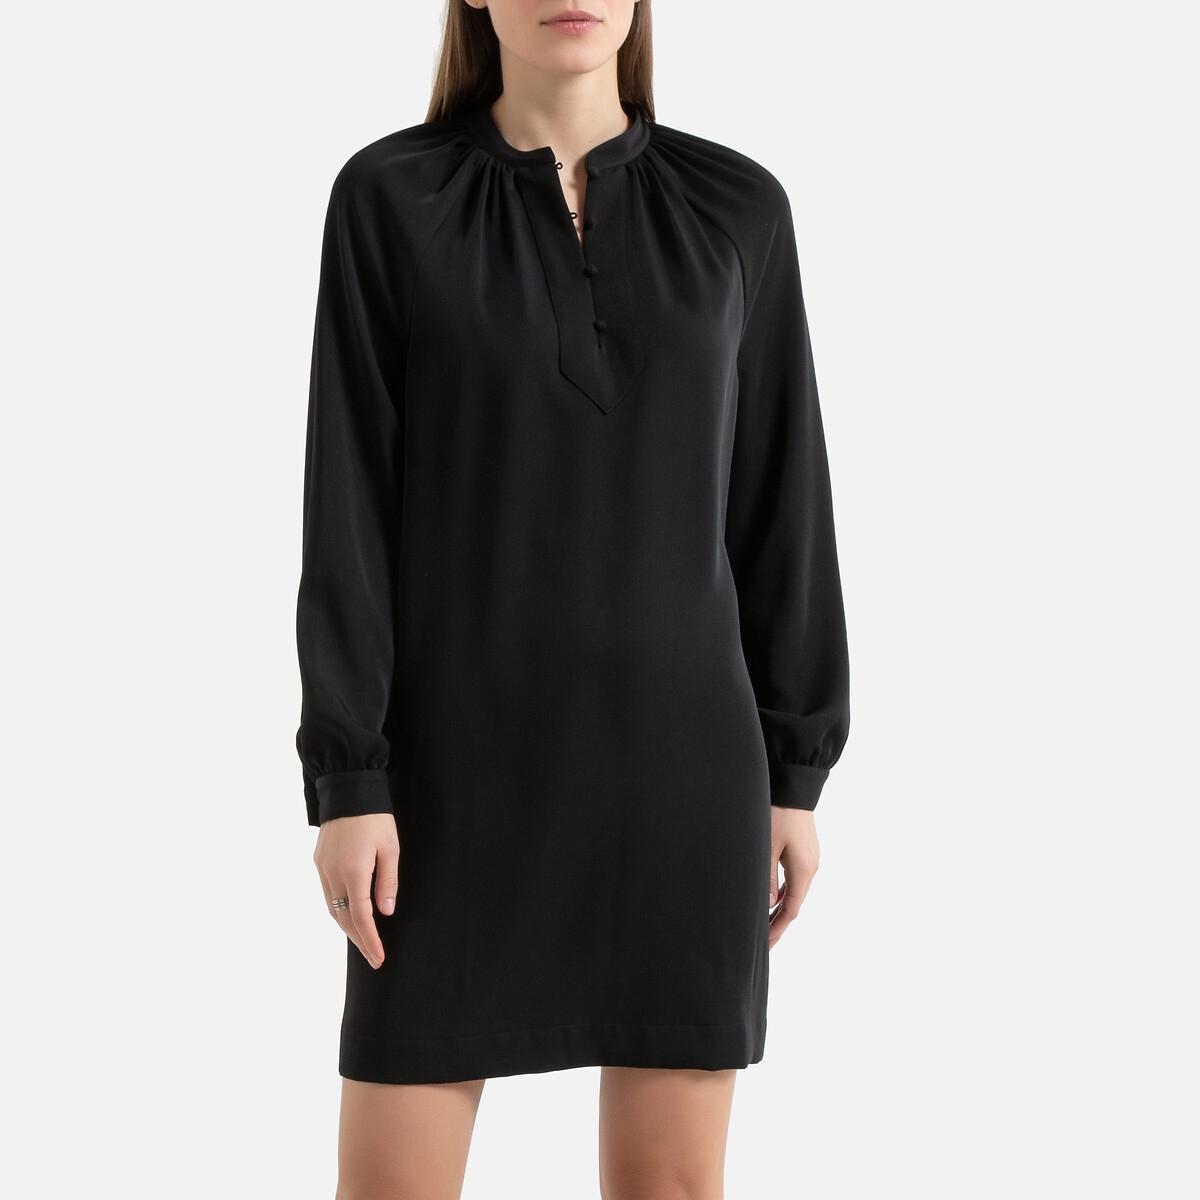 Платье La Redoute С воротником-стойкой с длинными рукавами 46 (FR) - 52 (RUS) черный свитшот la redoute с воротником стойкой и рисунком спереди 46 48 fr 52 54 rus черный